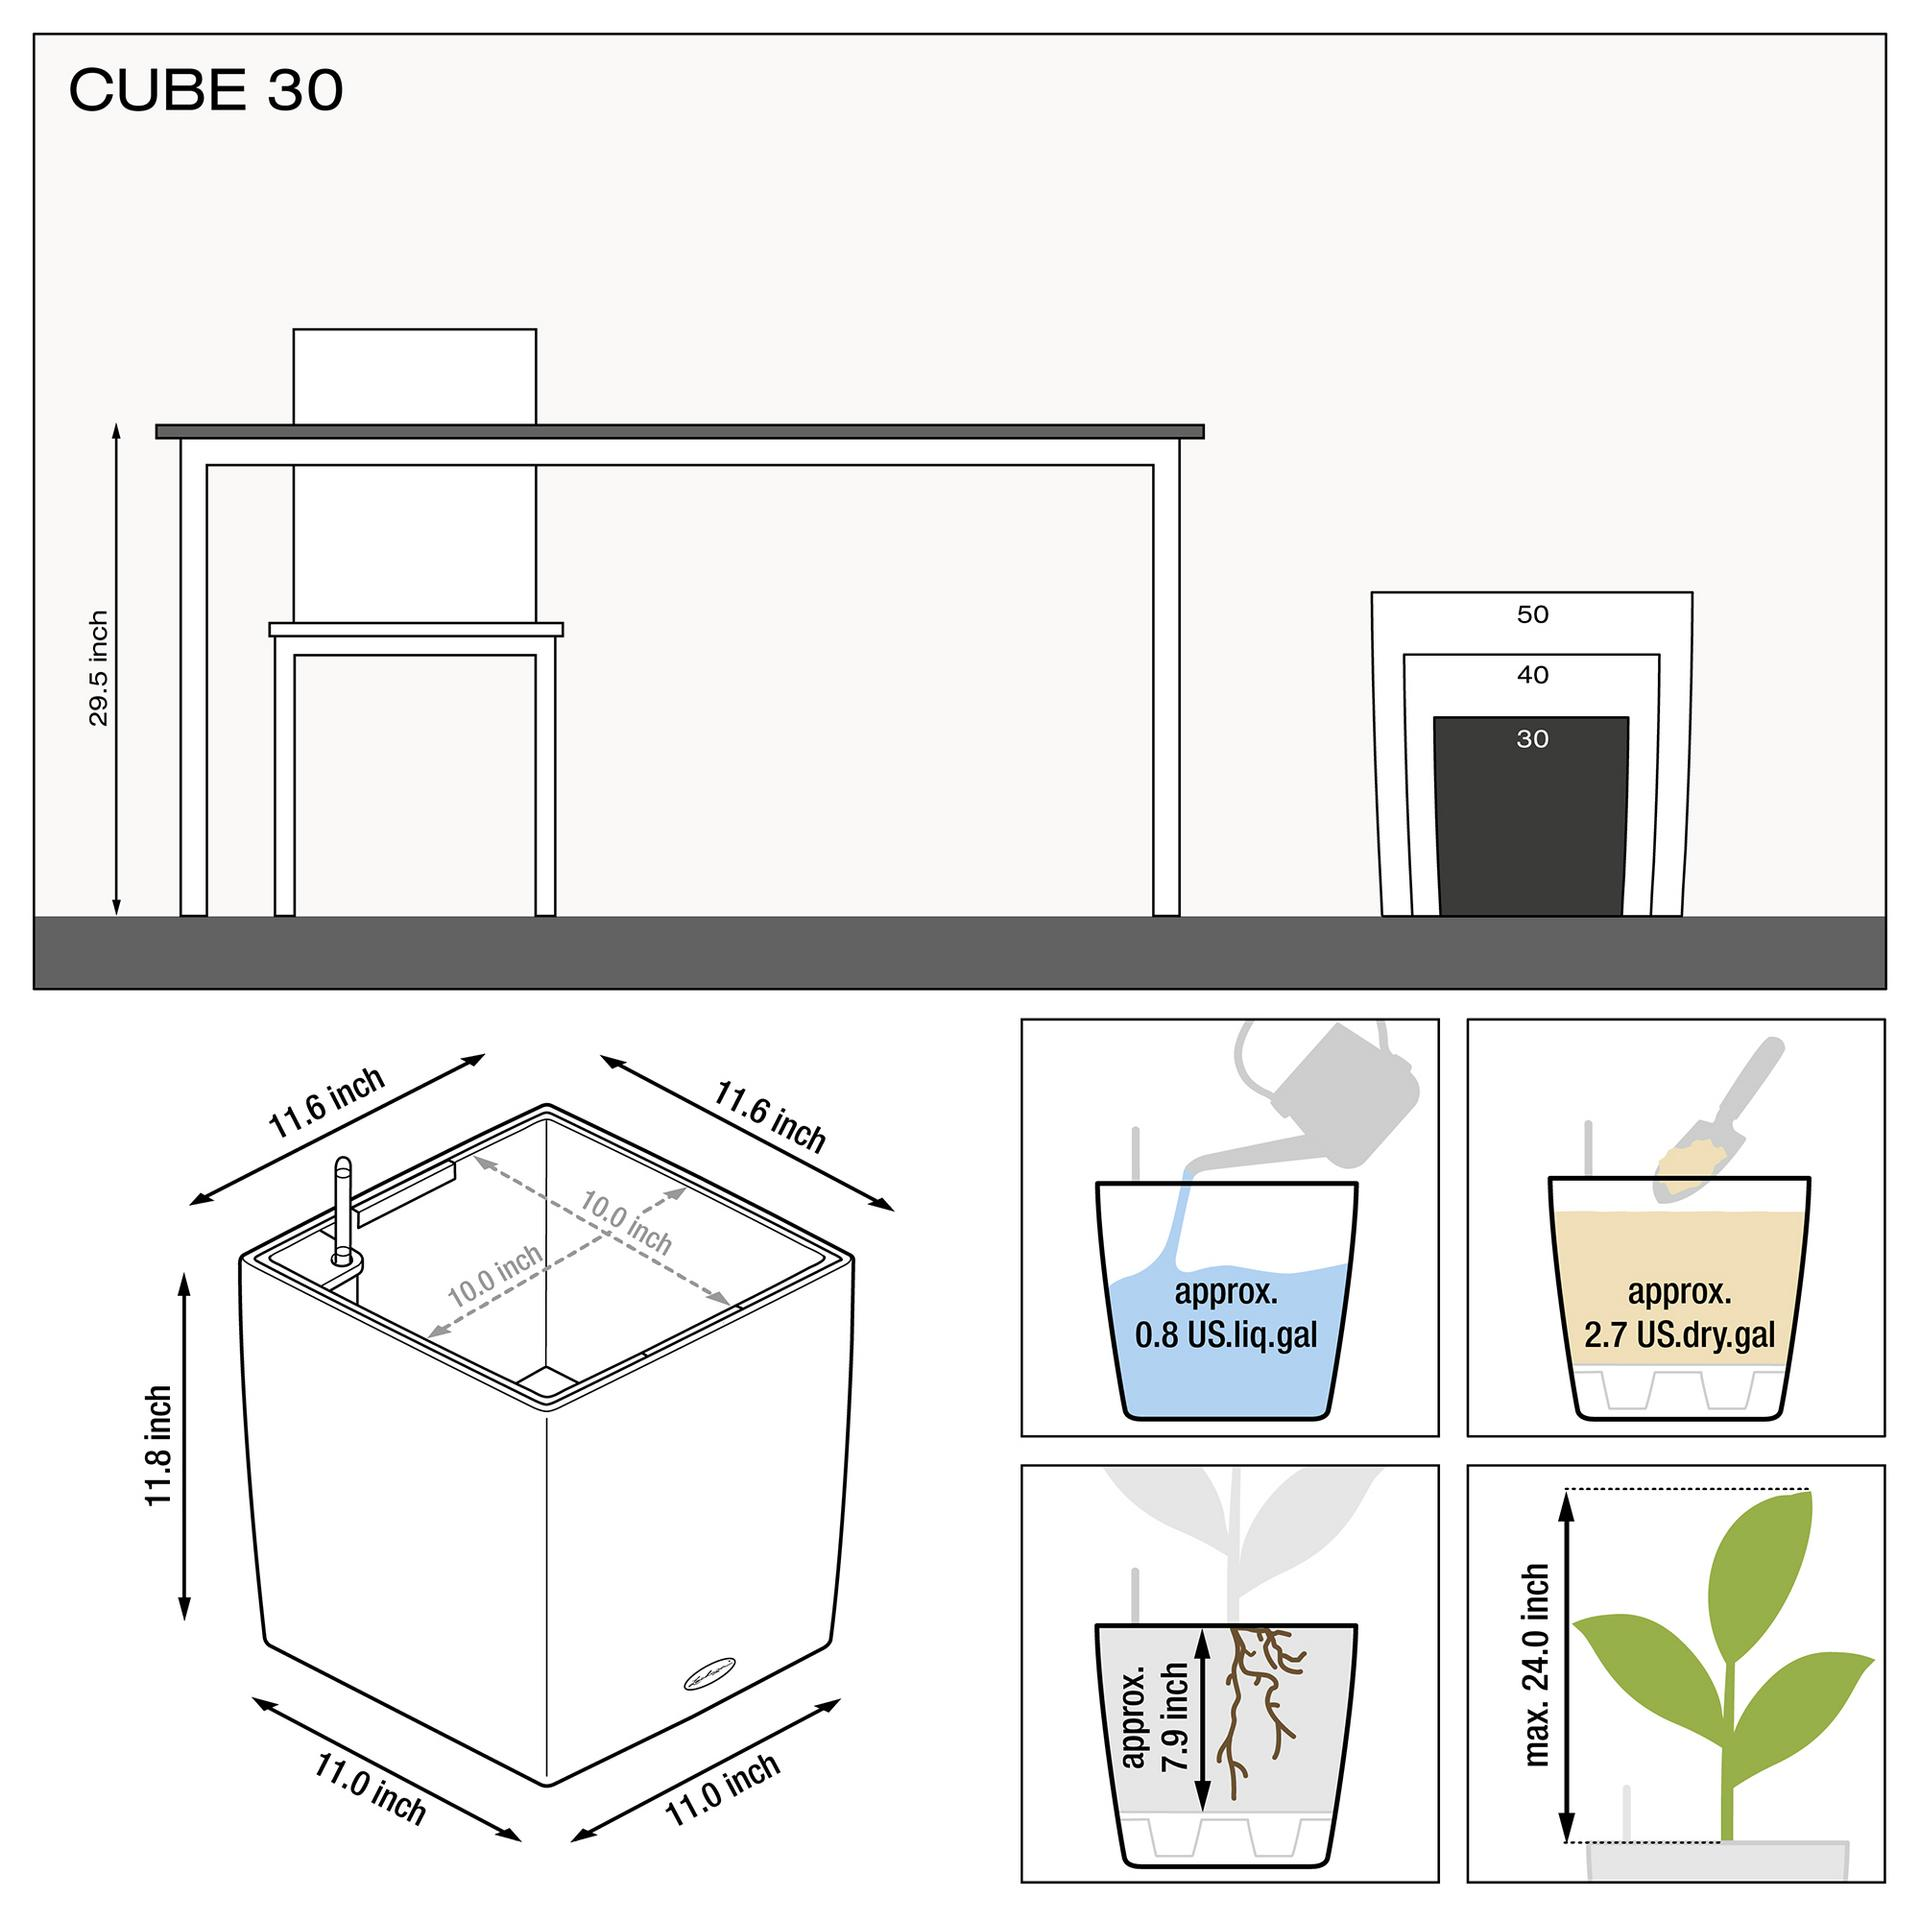 le_cube30_product_addi_nz_us